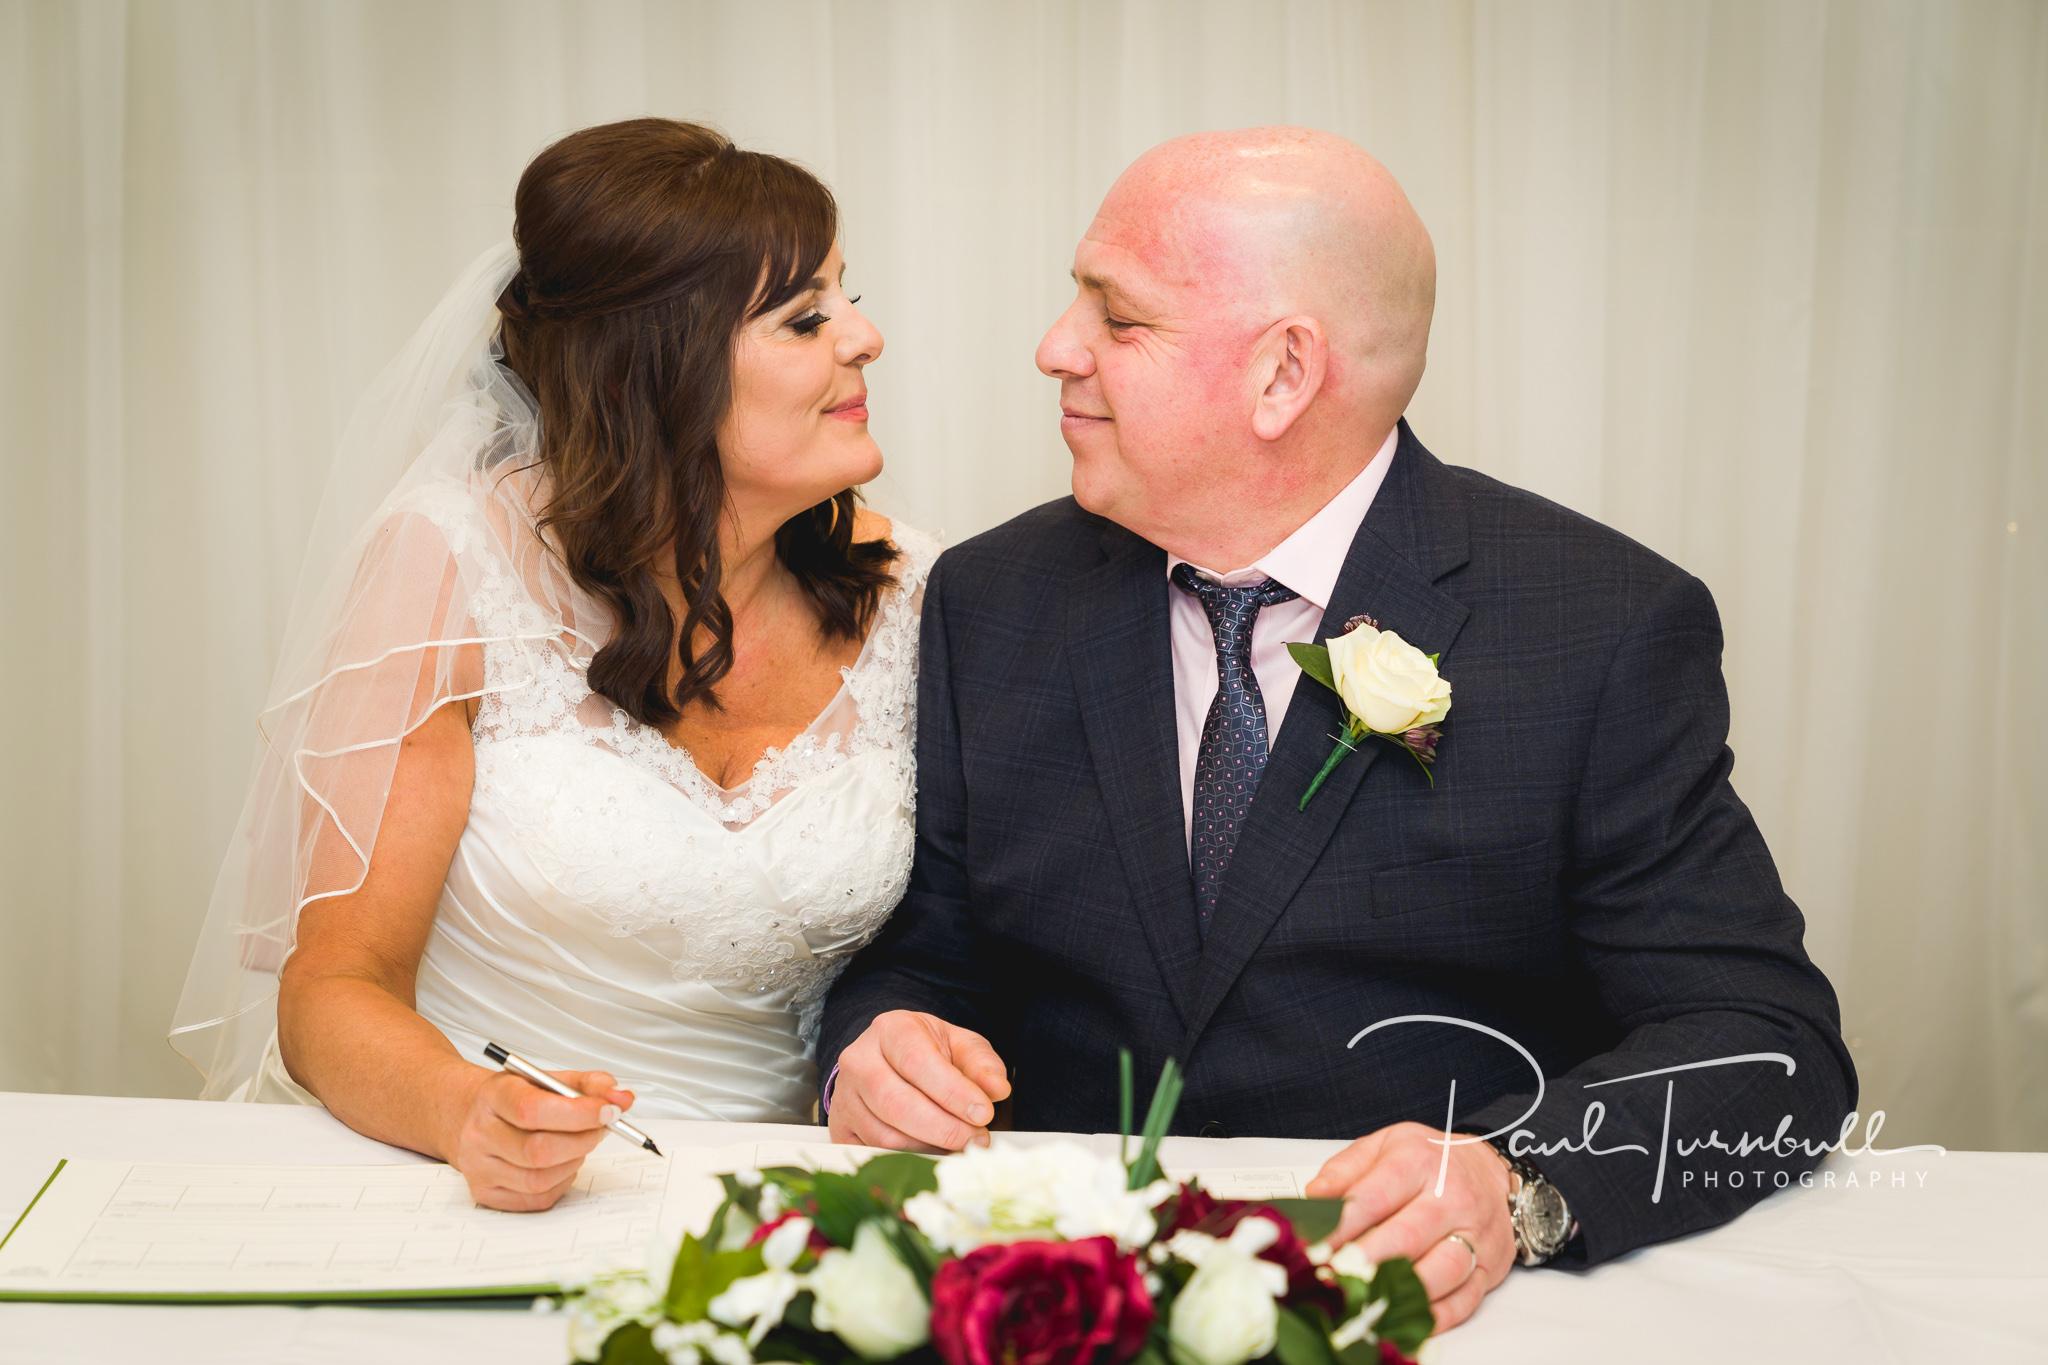 wedding-photographer-leeds-holiday-inn-garforth-034.jpg